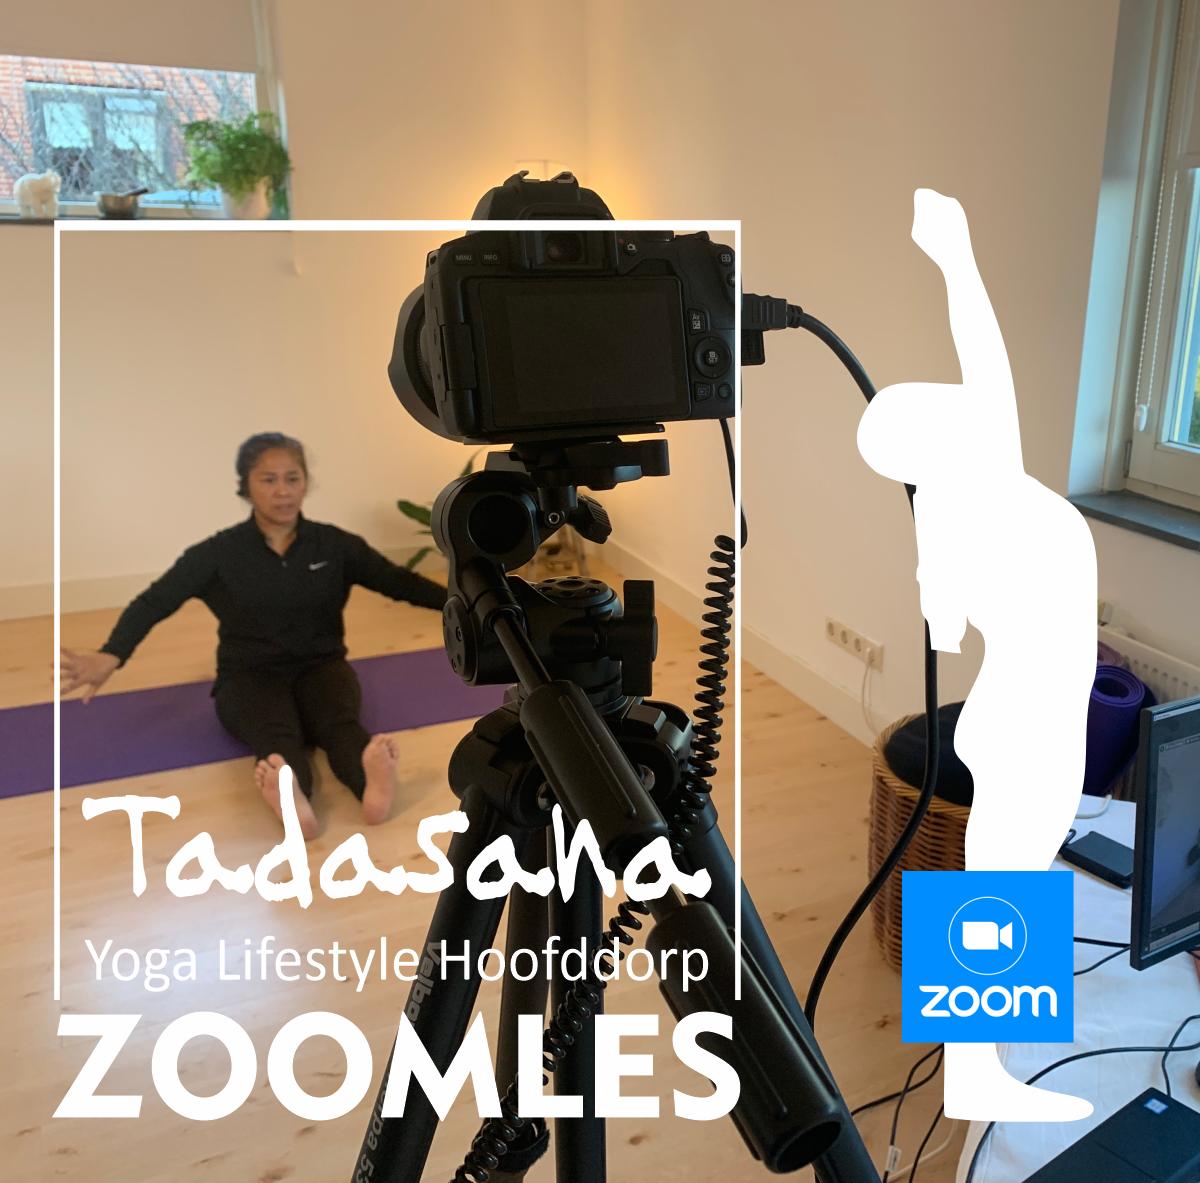 Tadasana Online ZOOMLESSEN